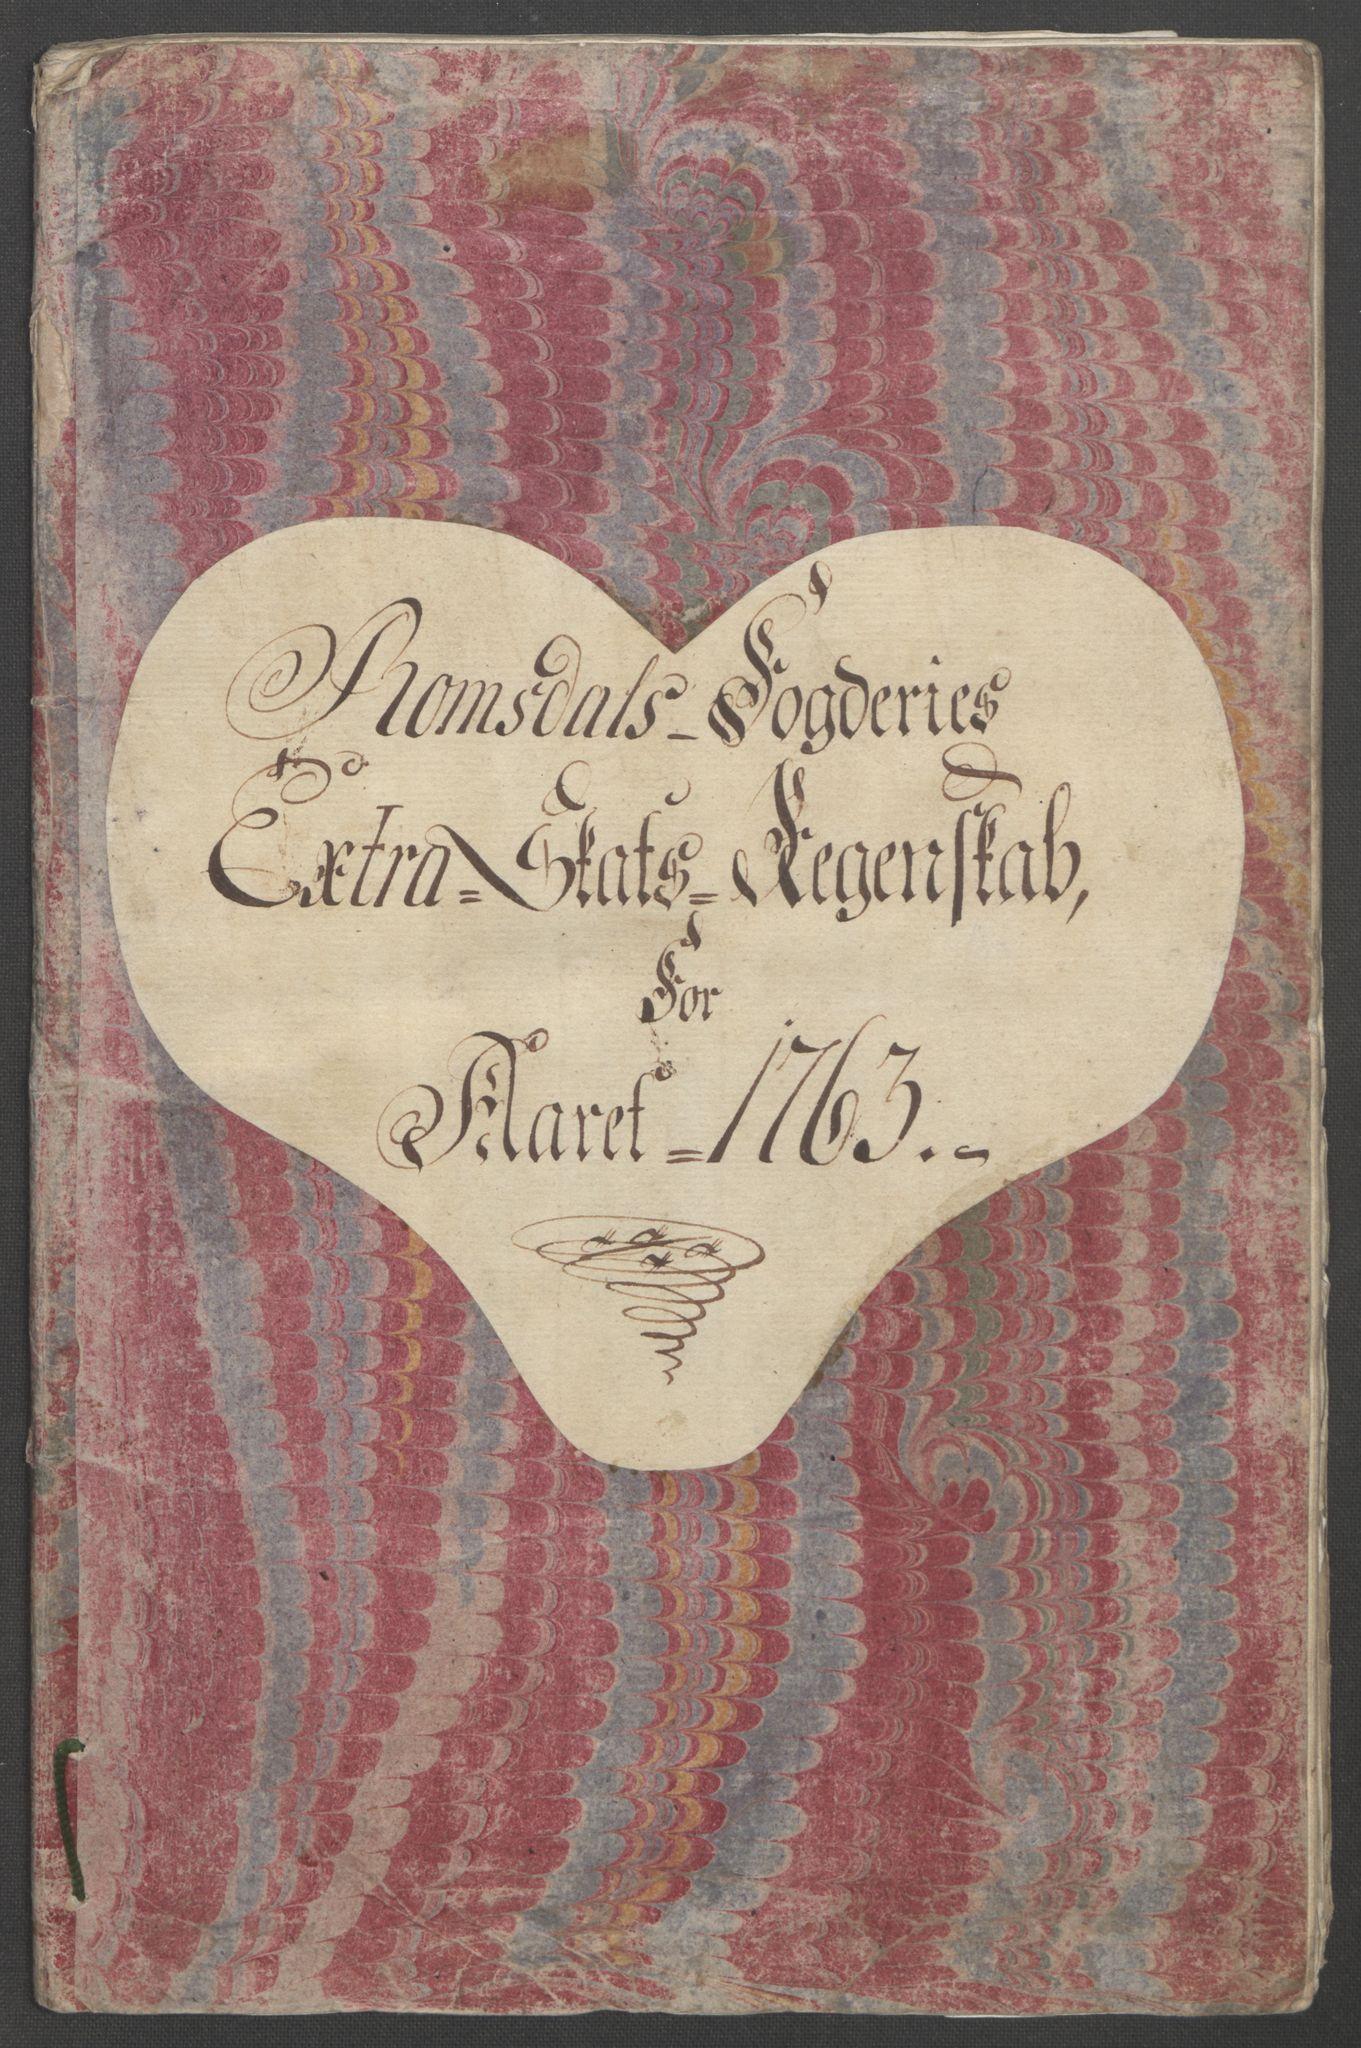 RA, Rentekammeret inntil 1814, Reviderte regnskaper, Fogderegnskap, R55/L3730: Ekstraskatten Romsdal, 1762-1763, s. 339